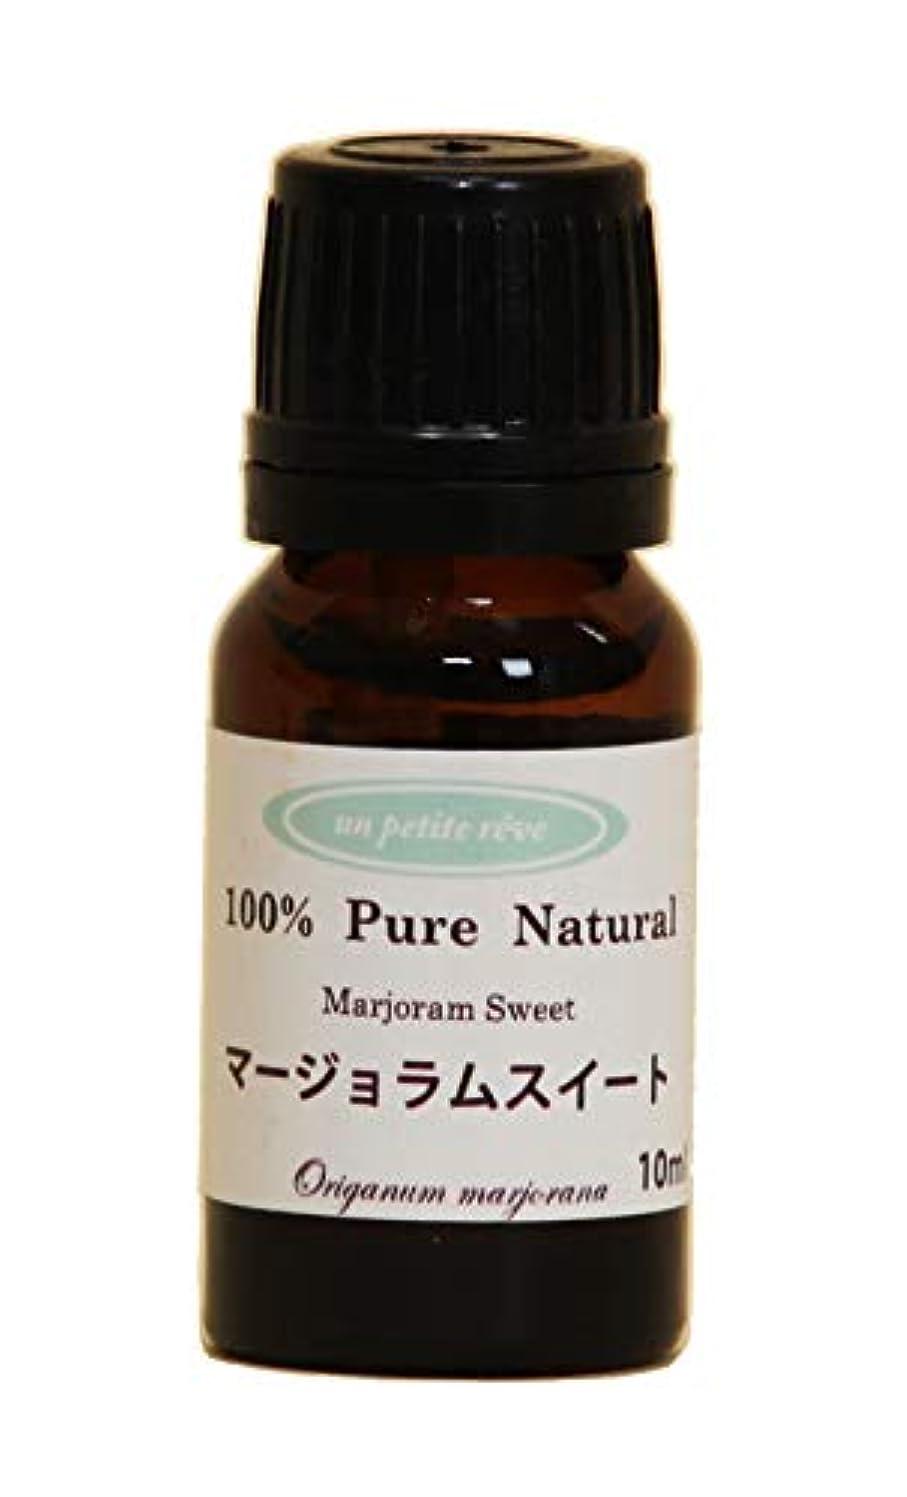 マージョラムスイート 10ml 100%天然アロマエッセンシャルオイル(精油)